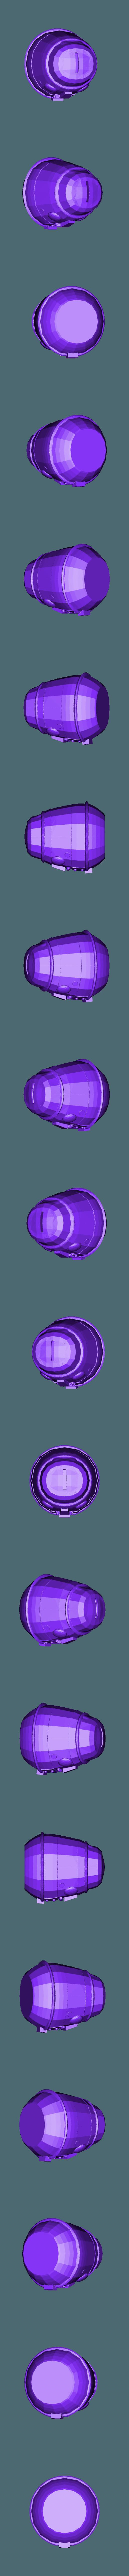 cascanueces_alcanciav1.obj Télécharger fichier OBJ gratuit Low Poly Nutcracker Bank / Alcancía Low Poly Cascanueces • Plan imprimable en 3D, cheandrou